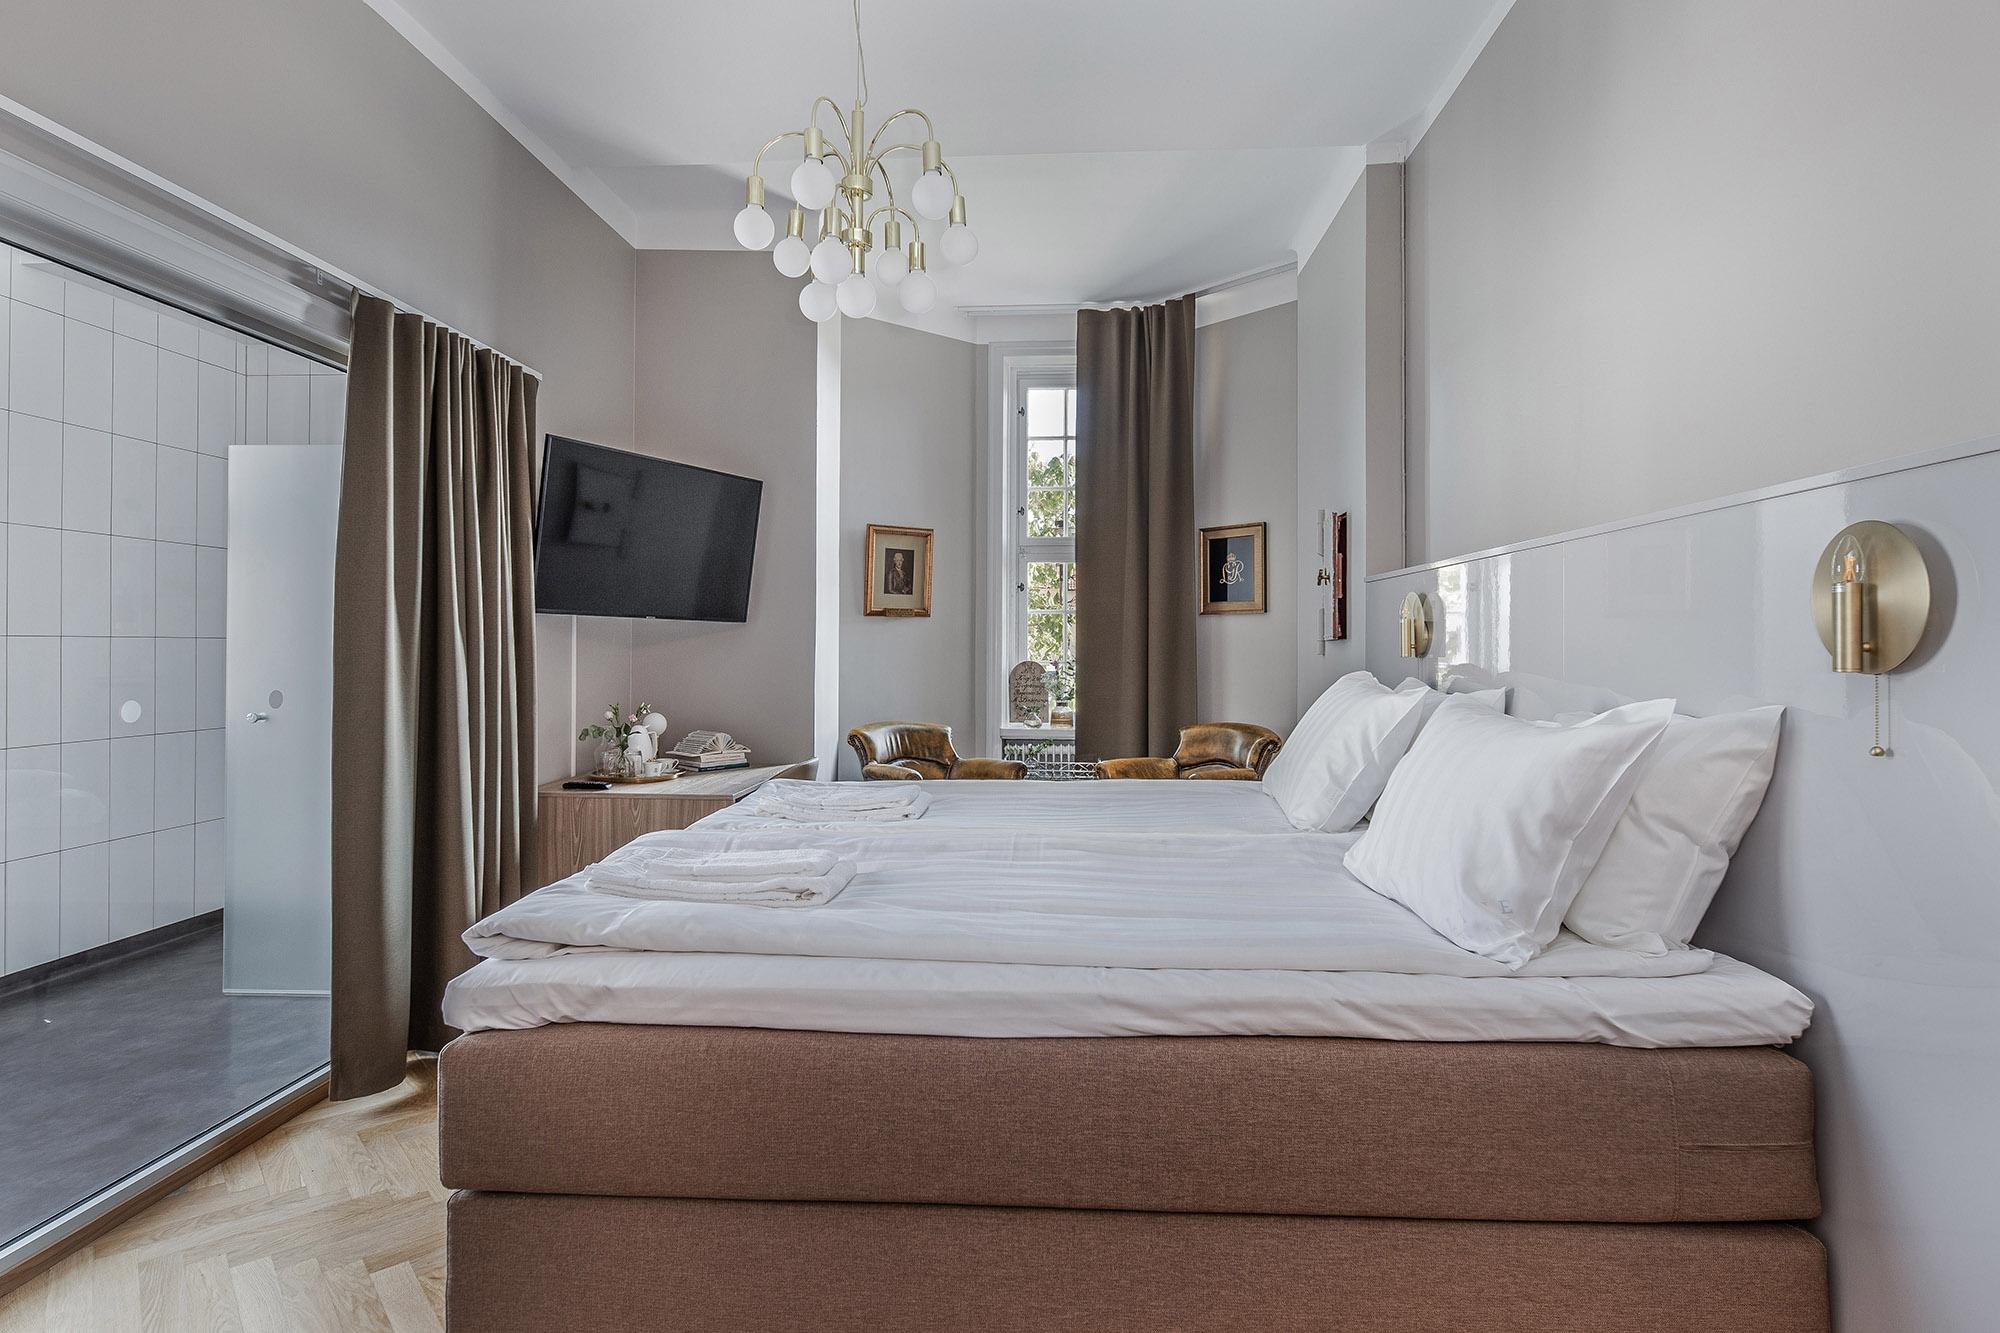 hotell liköping